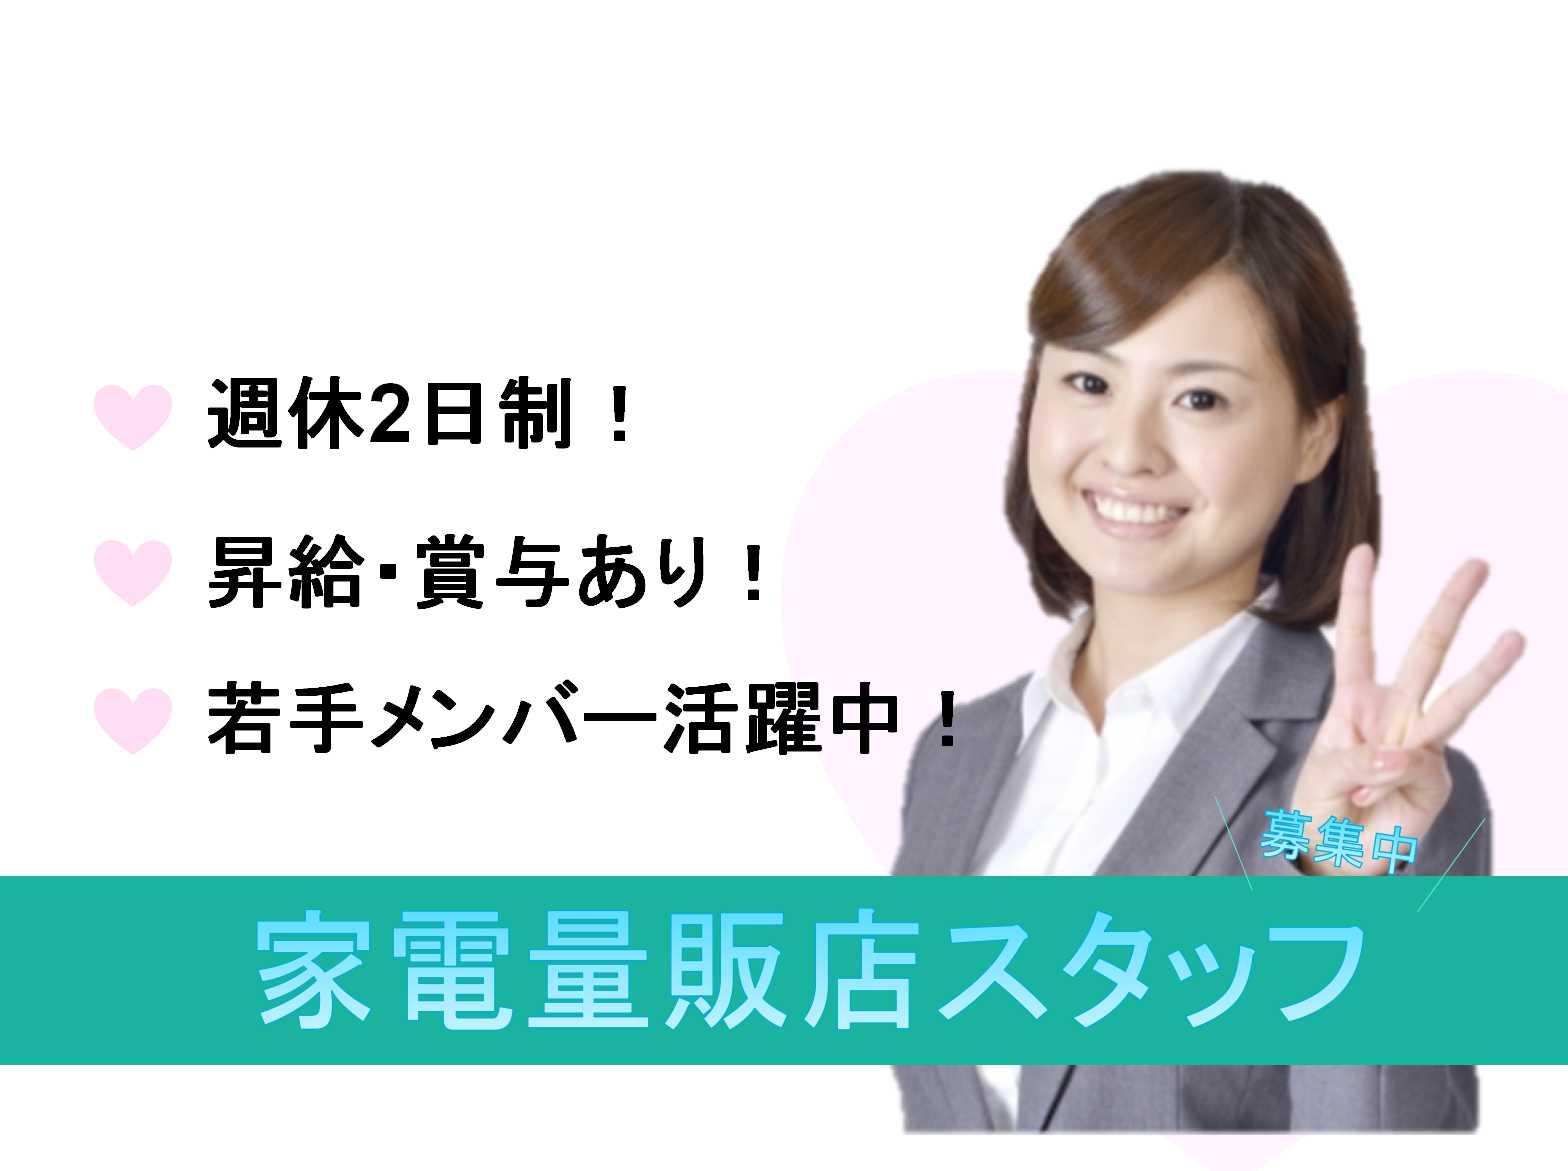 【名古屋市南区】週休2日制◆昇給・賞与あり◆家電量販店スタッフ募集中◆ イメージ